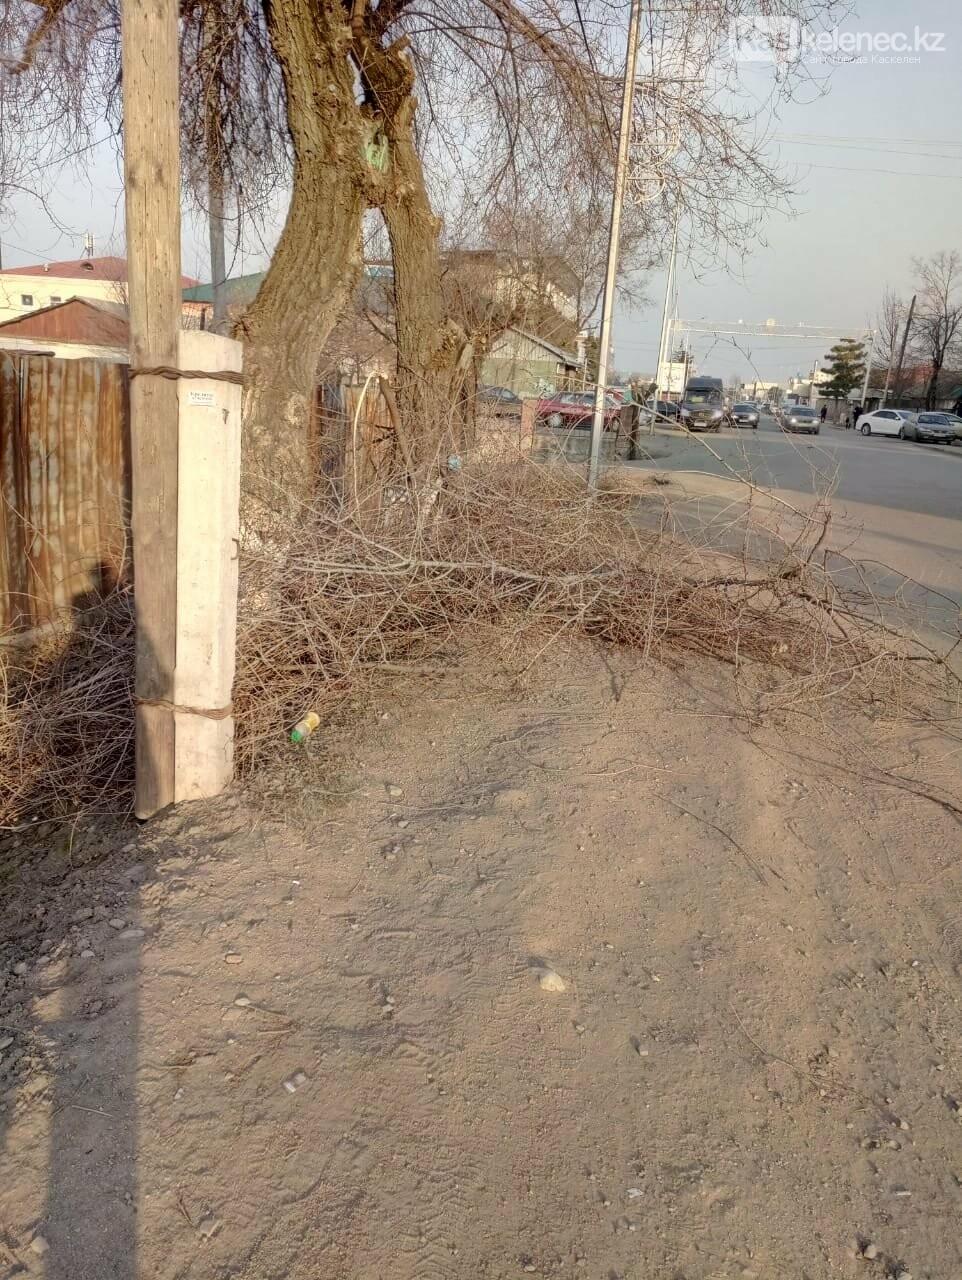 Пилят деревья и оставляют на месте: как работают коммунальщики на центральной улице Каскелена, фото-3